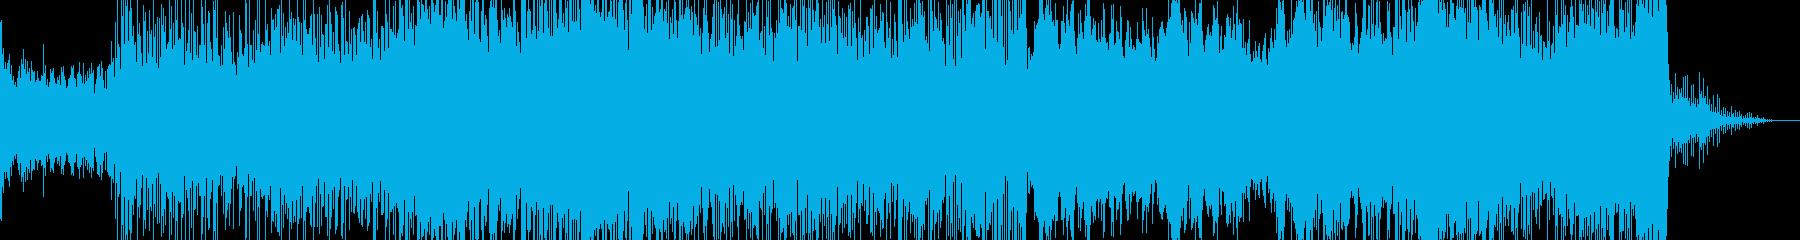 都会的な雰囲気のある打ち込み曲の再生済みの波形